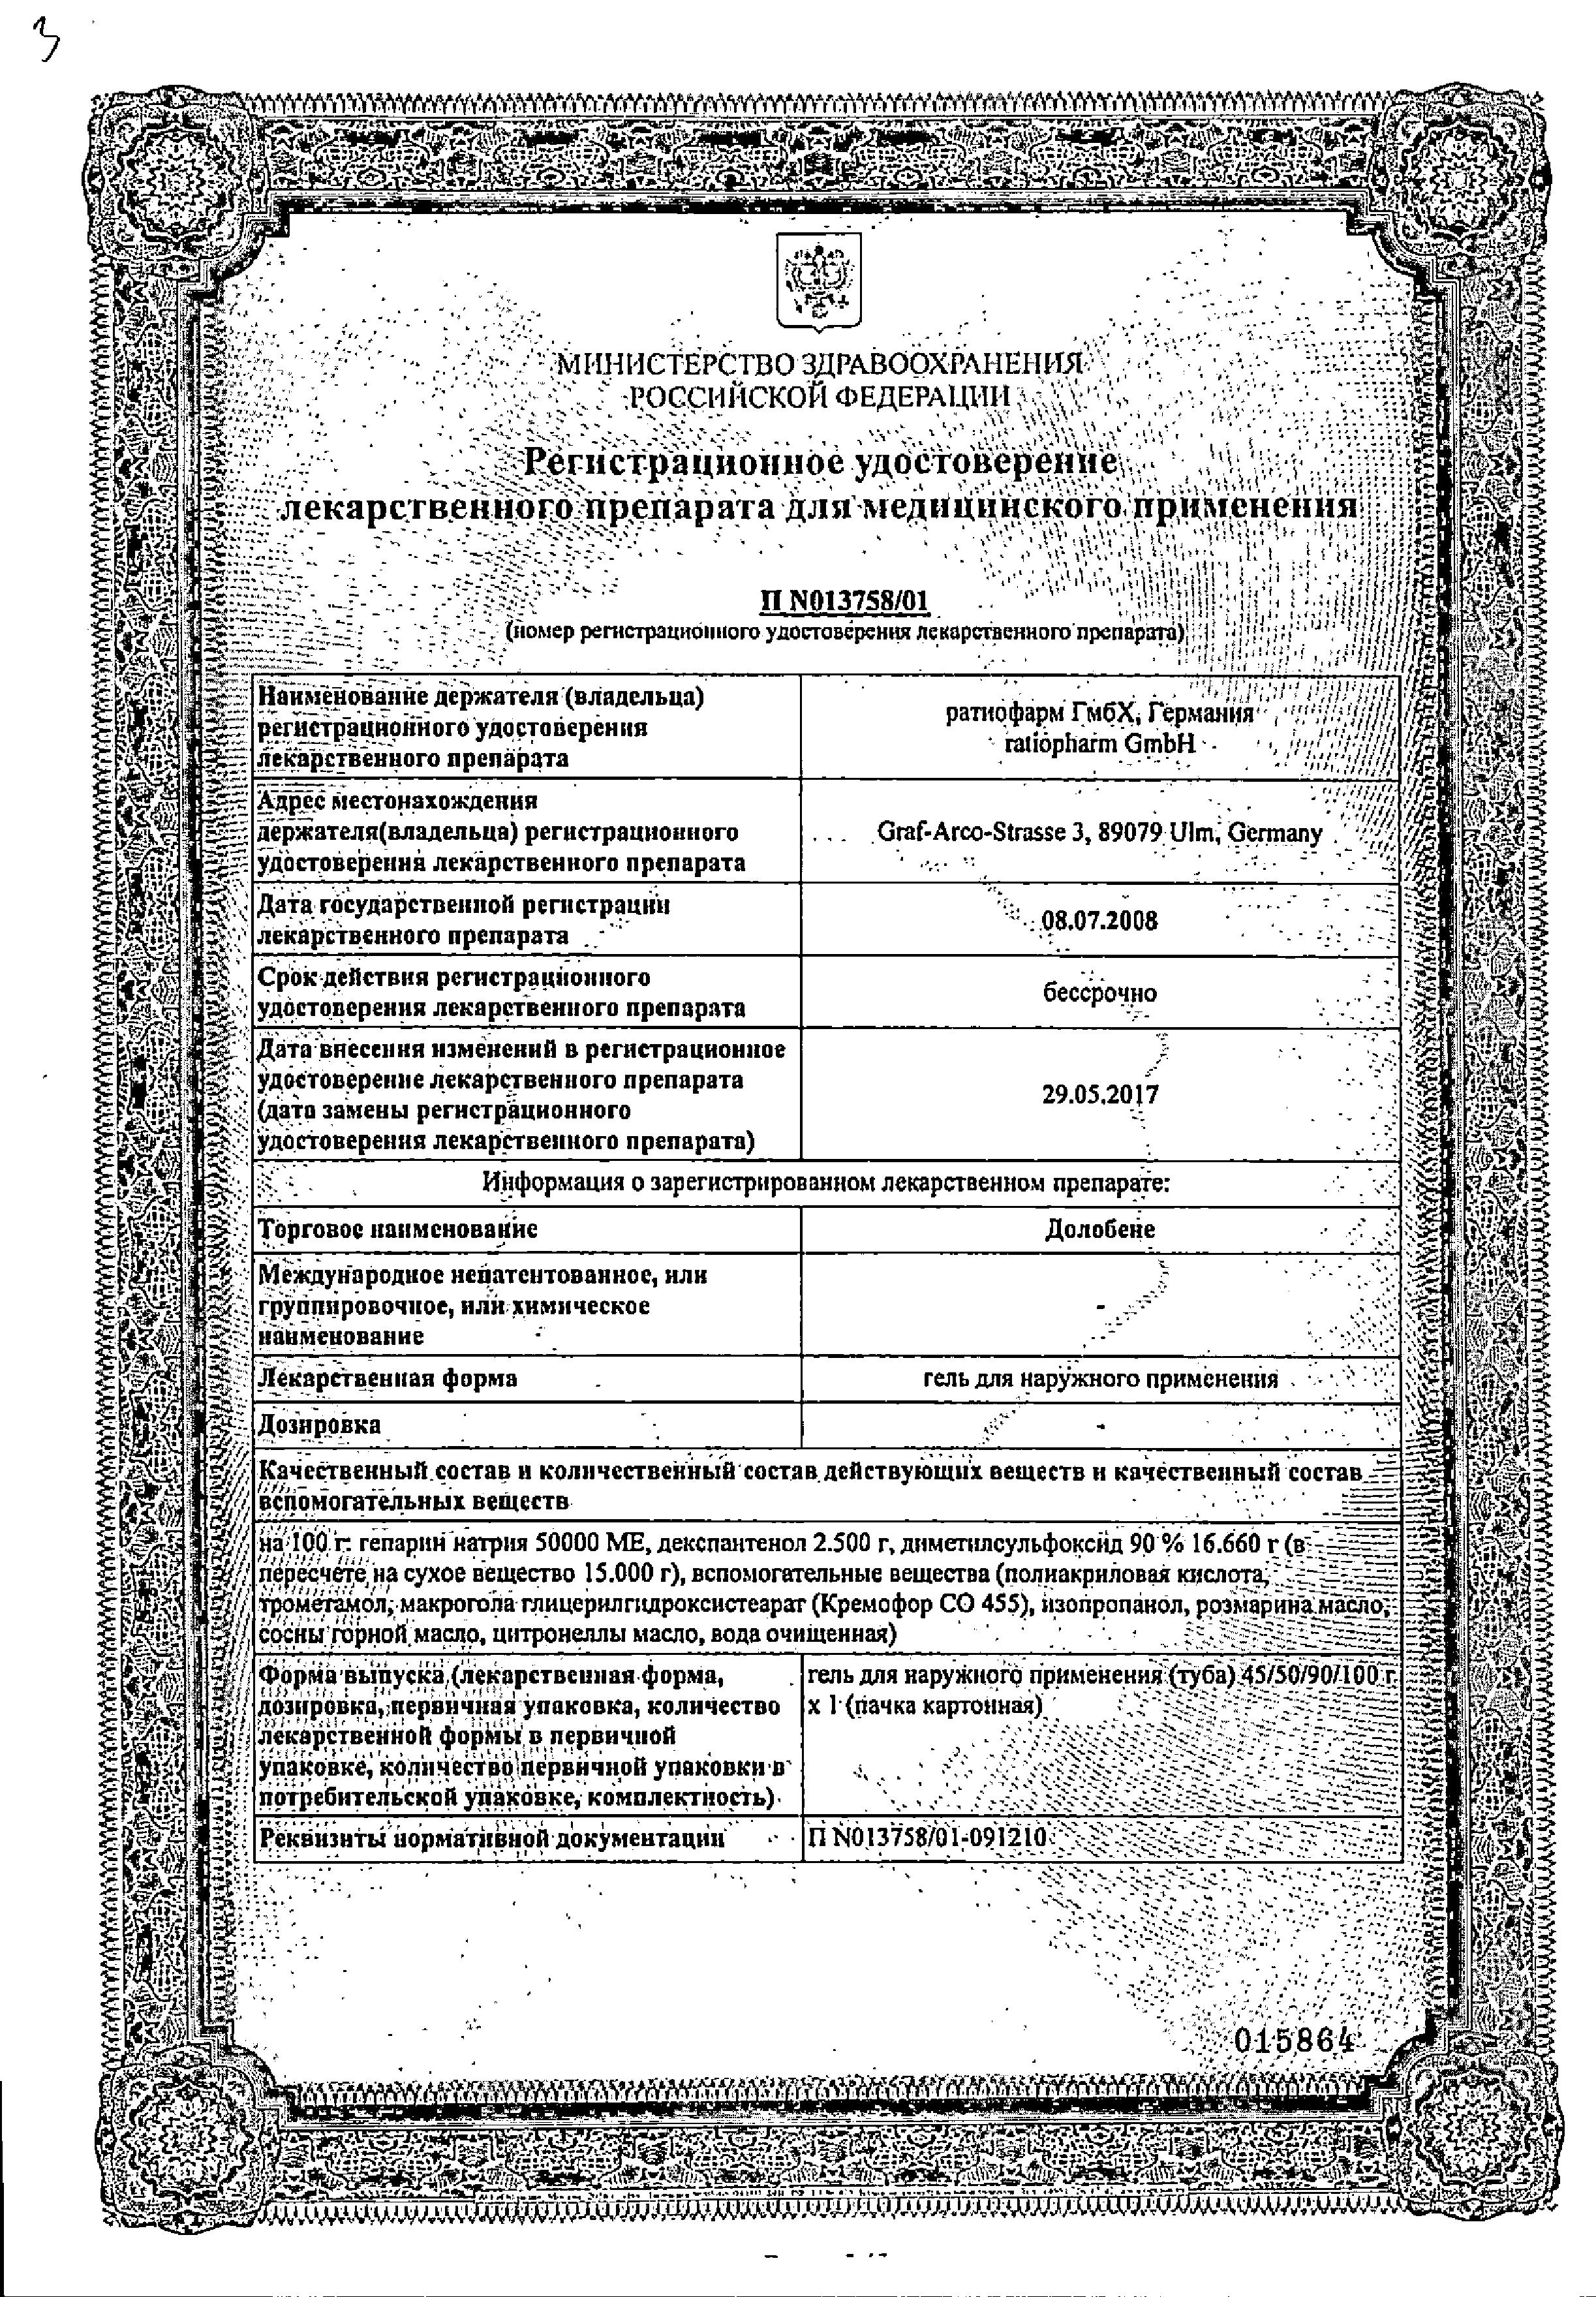 Долобене сертификат